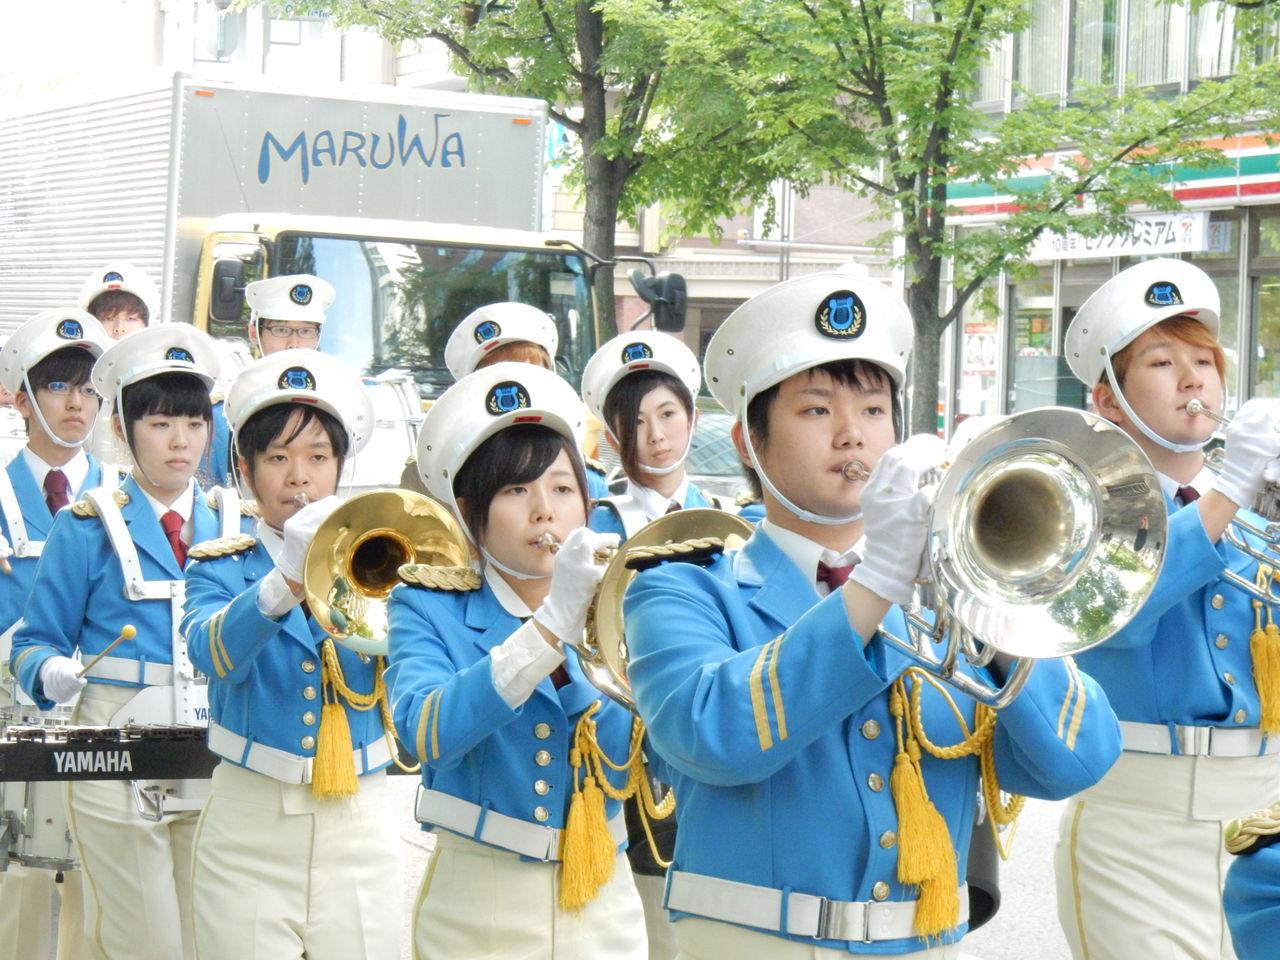 パレード中